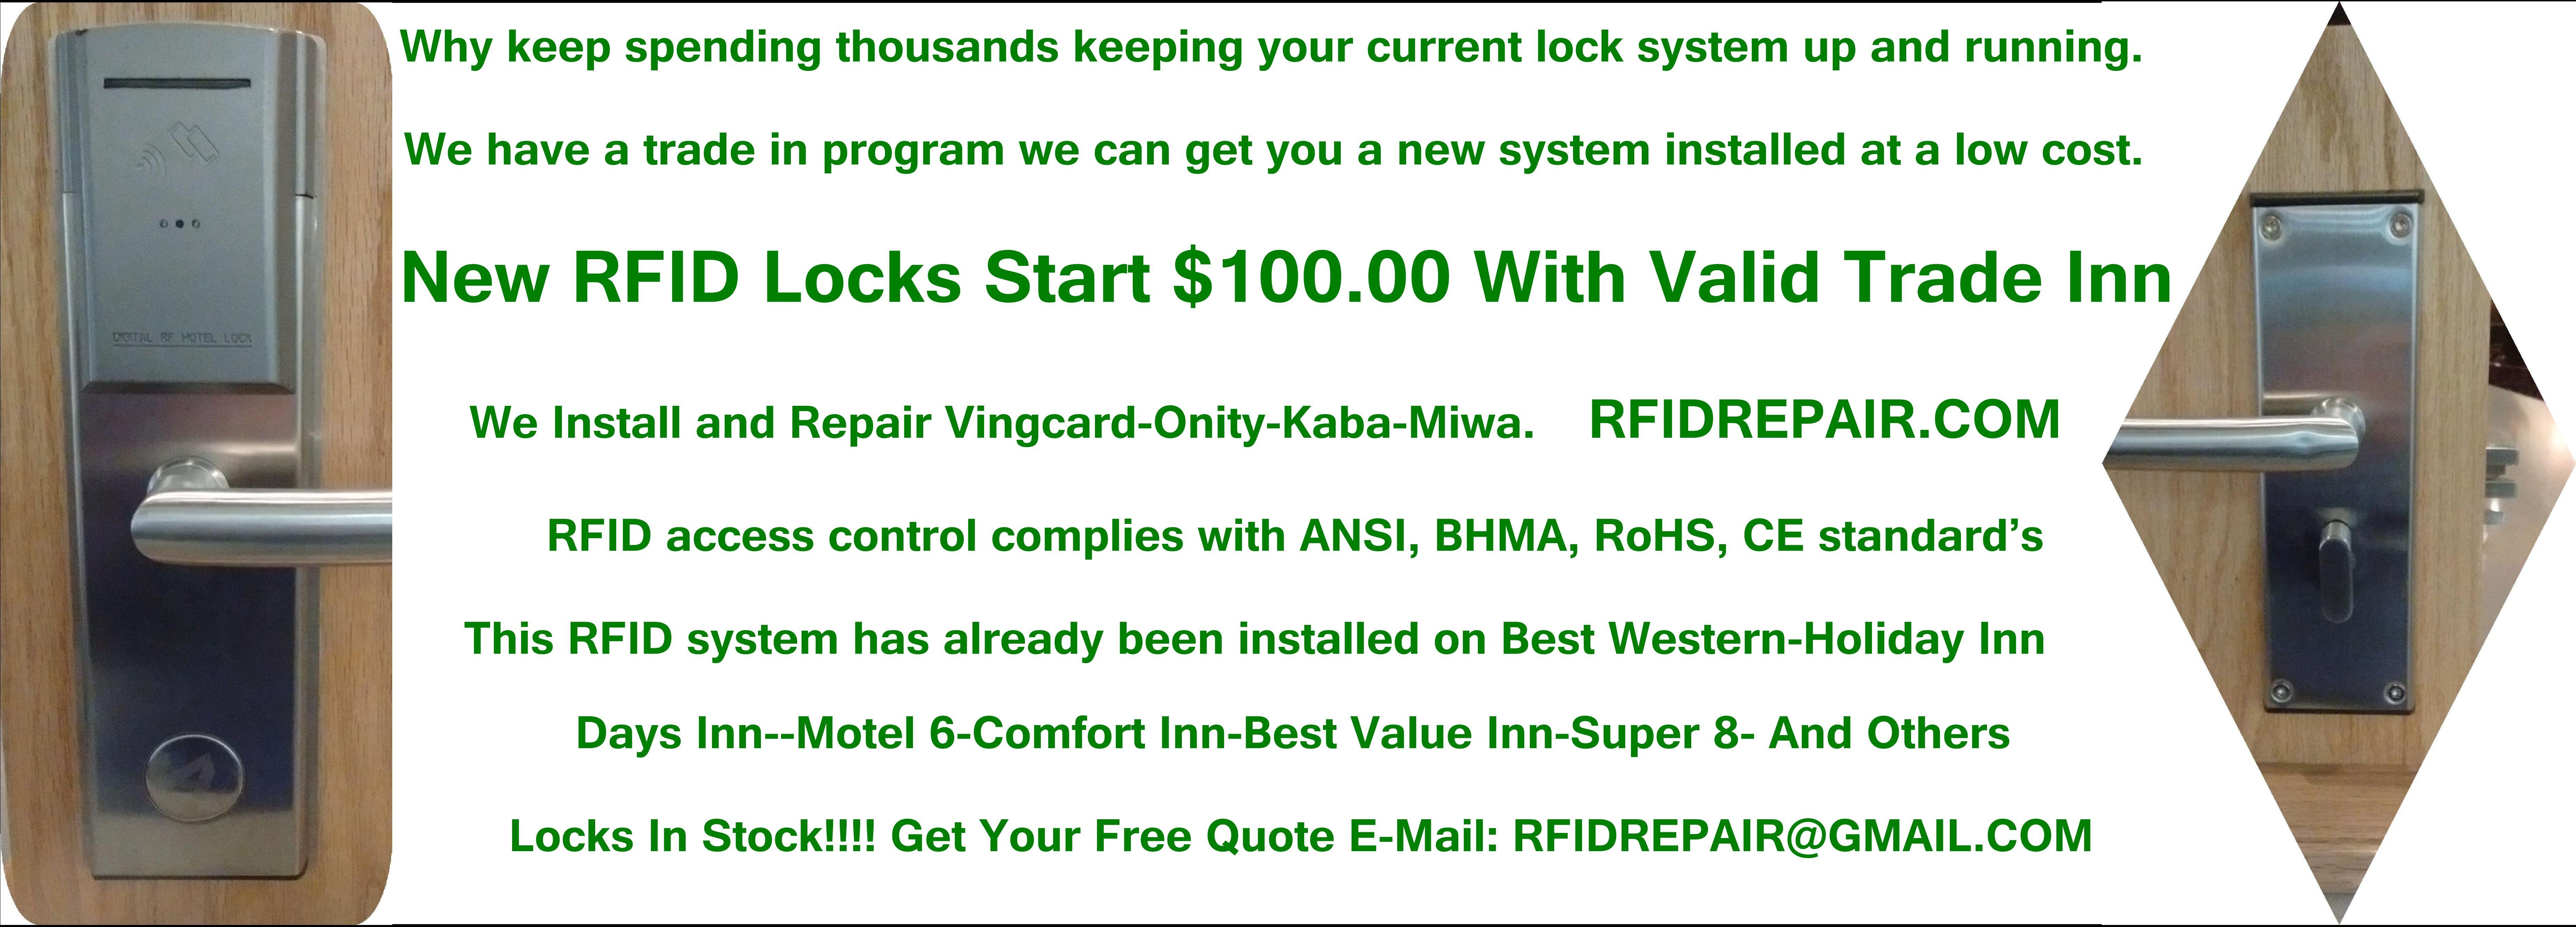 11 Best RFID Repair images   Access control, Hotel lock